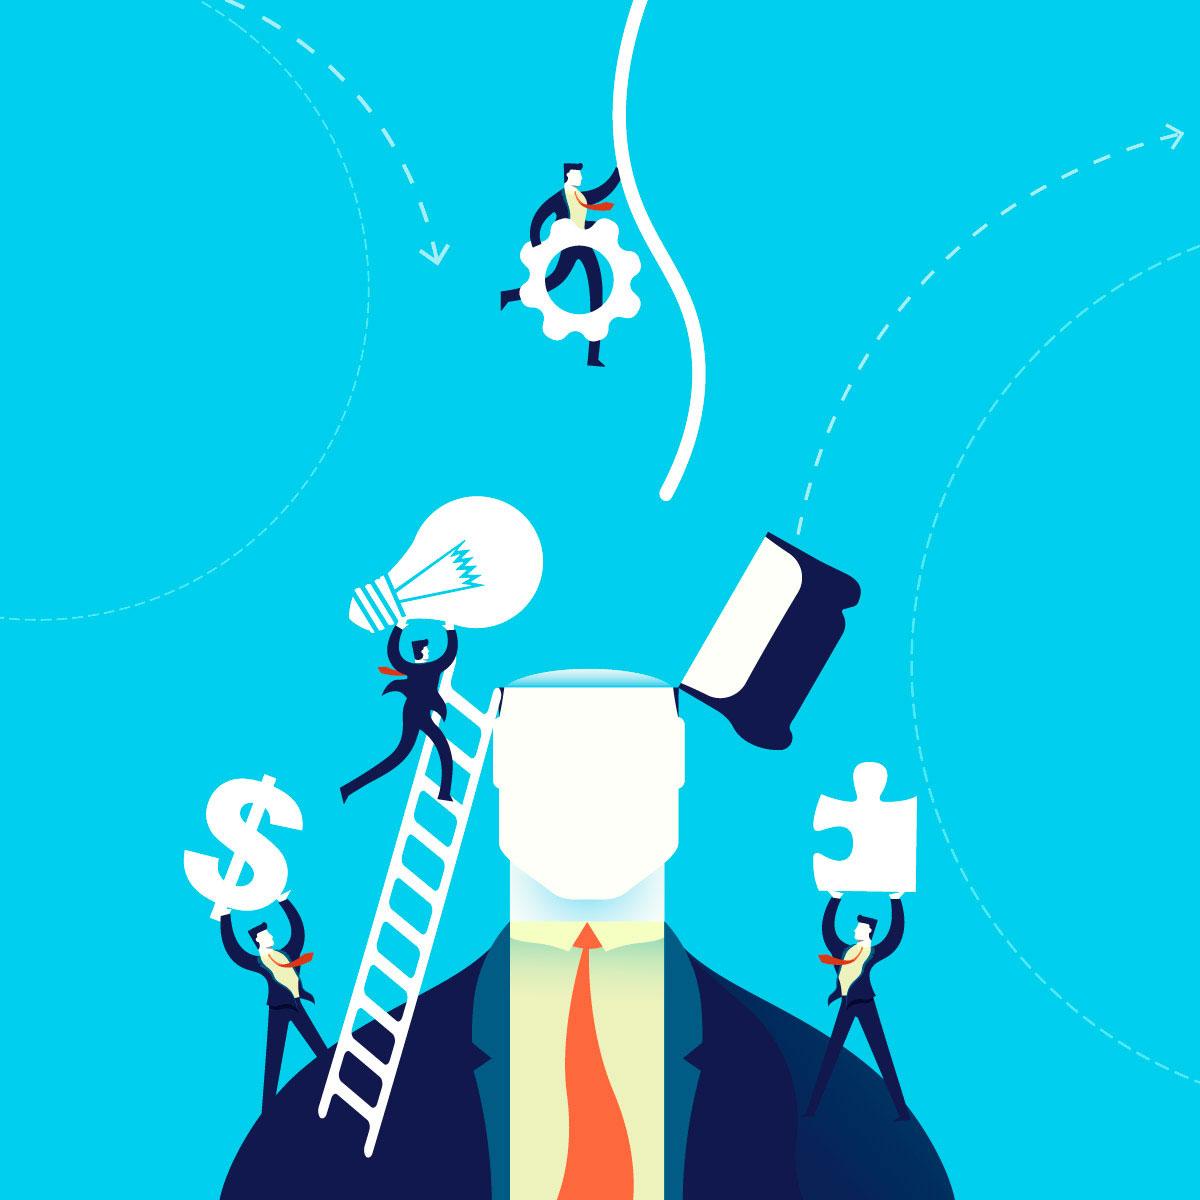 Lãnh đạo bản thân một cách hiệu quả trong công việc